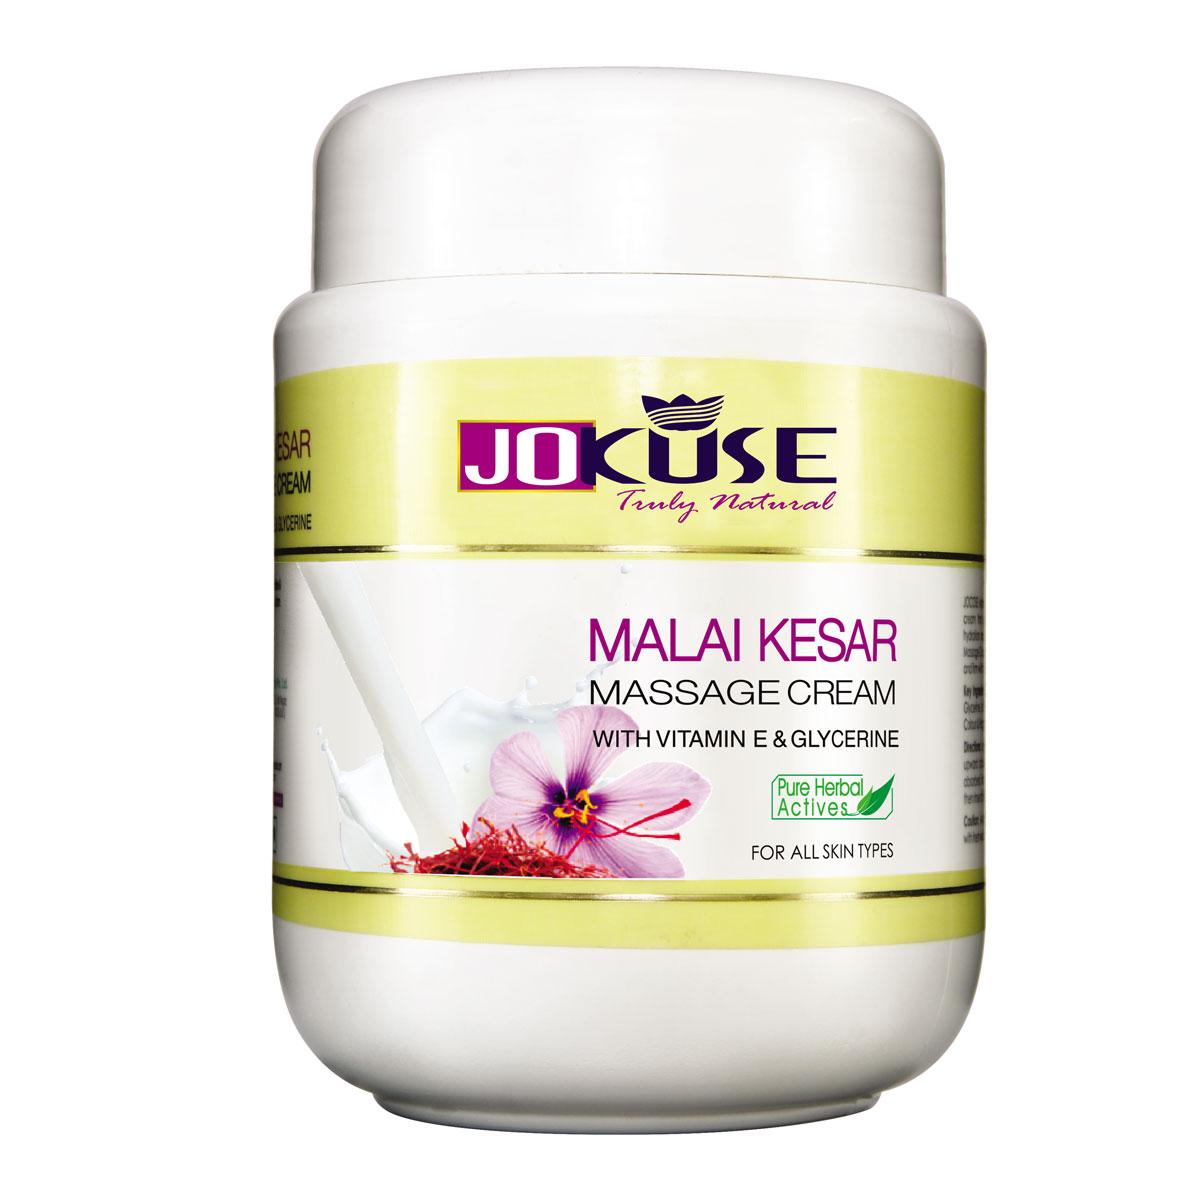 MALAI KESHAR MASSAGE